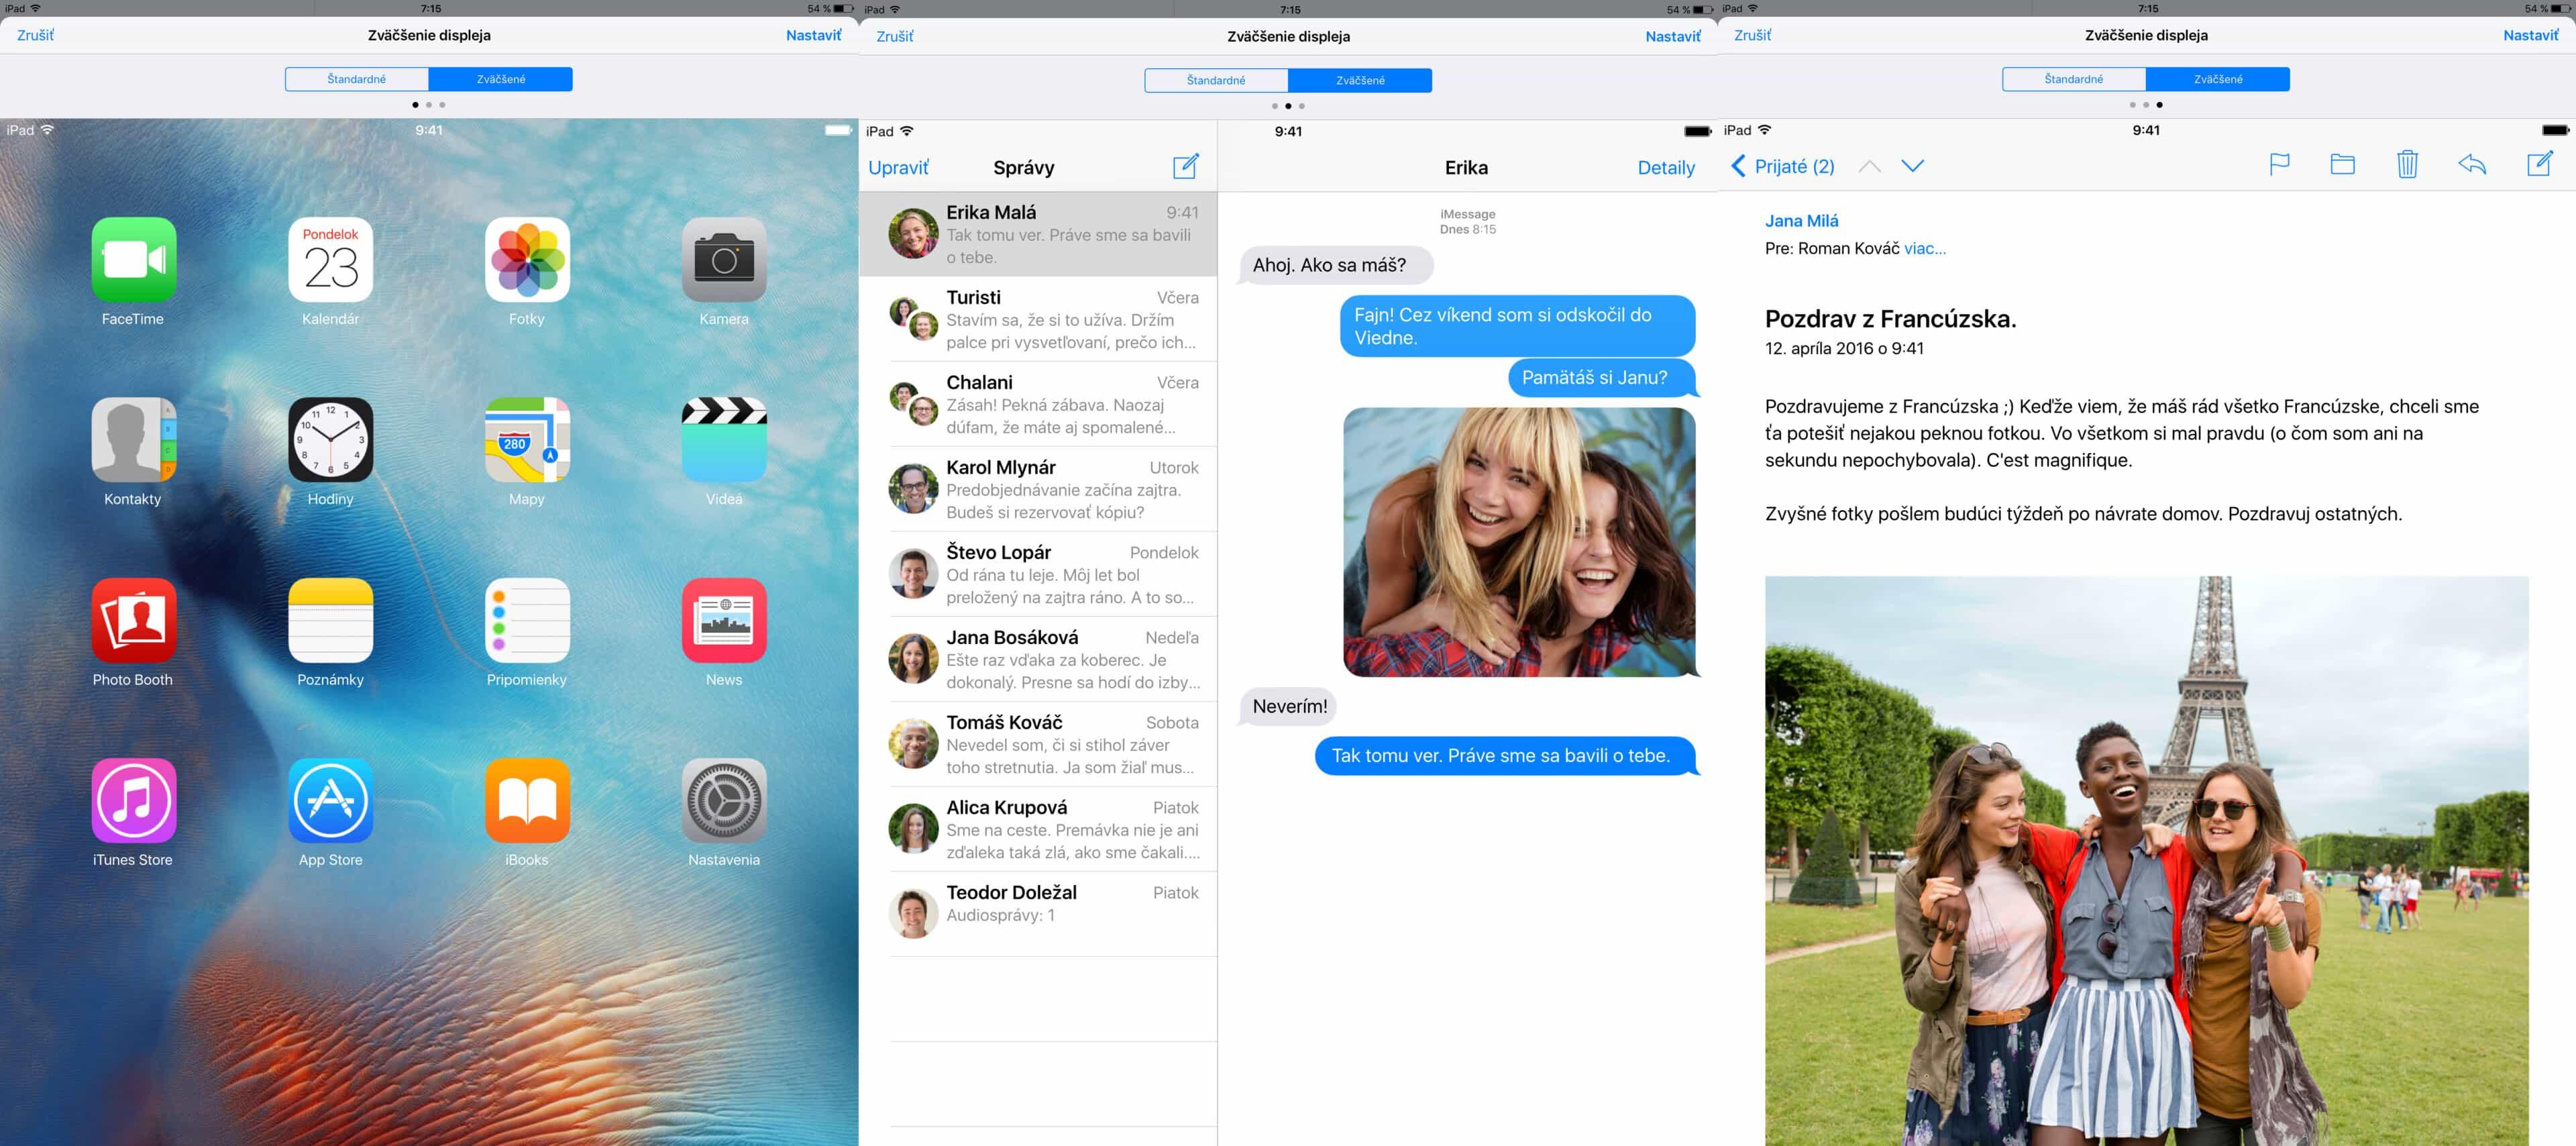 zväčsené-zobrazenie-iPad-Pro